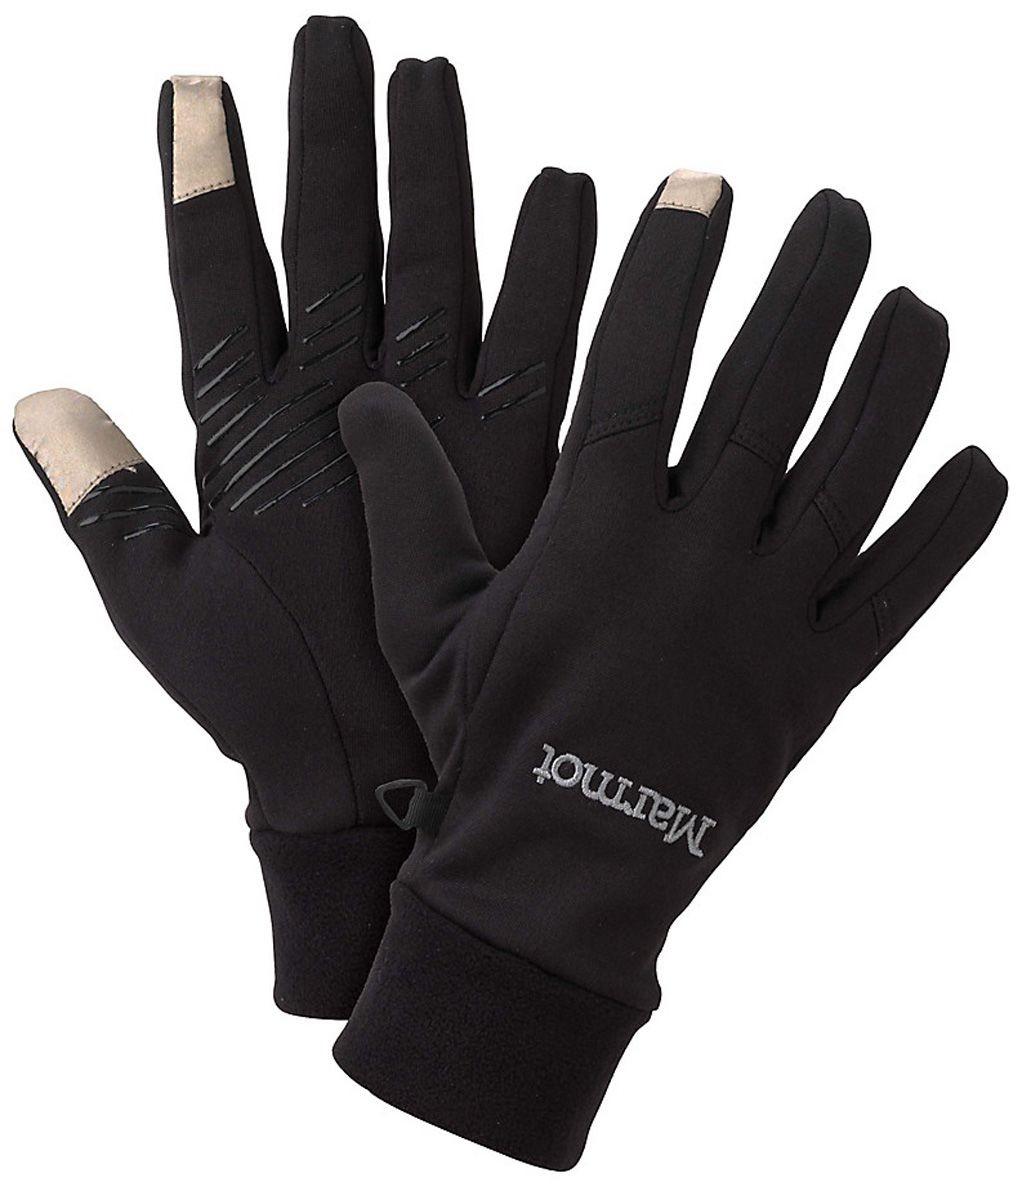 906a237af2b Pinchando aquí podéis acceder a toda la gama de guantes de montaña para  hombre y unisex en Barrabes · Pinchando aquí podéis acceder a toda la gama  de